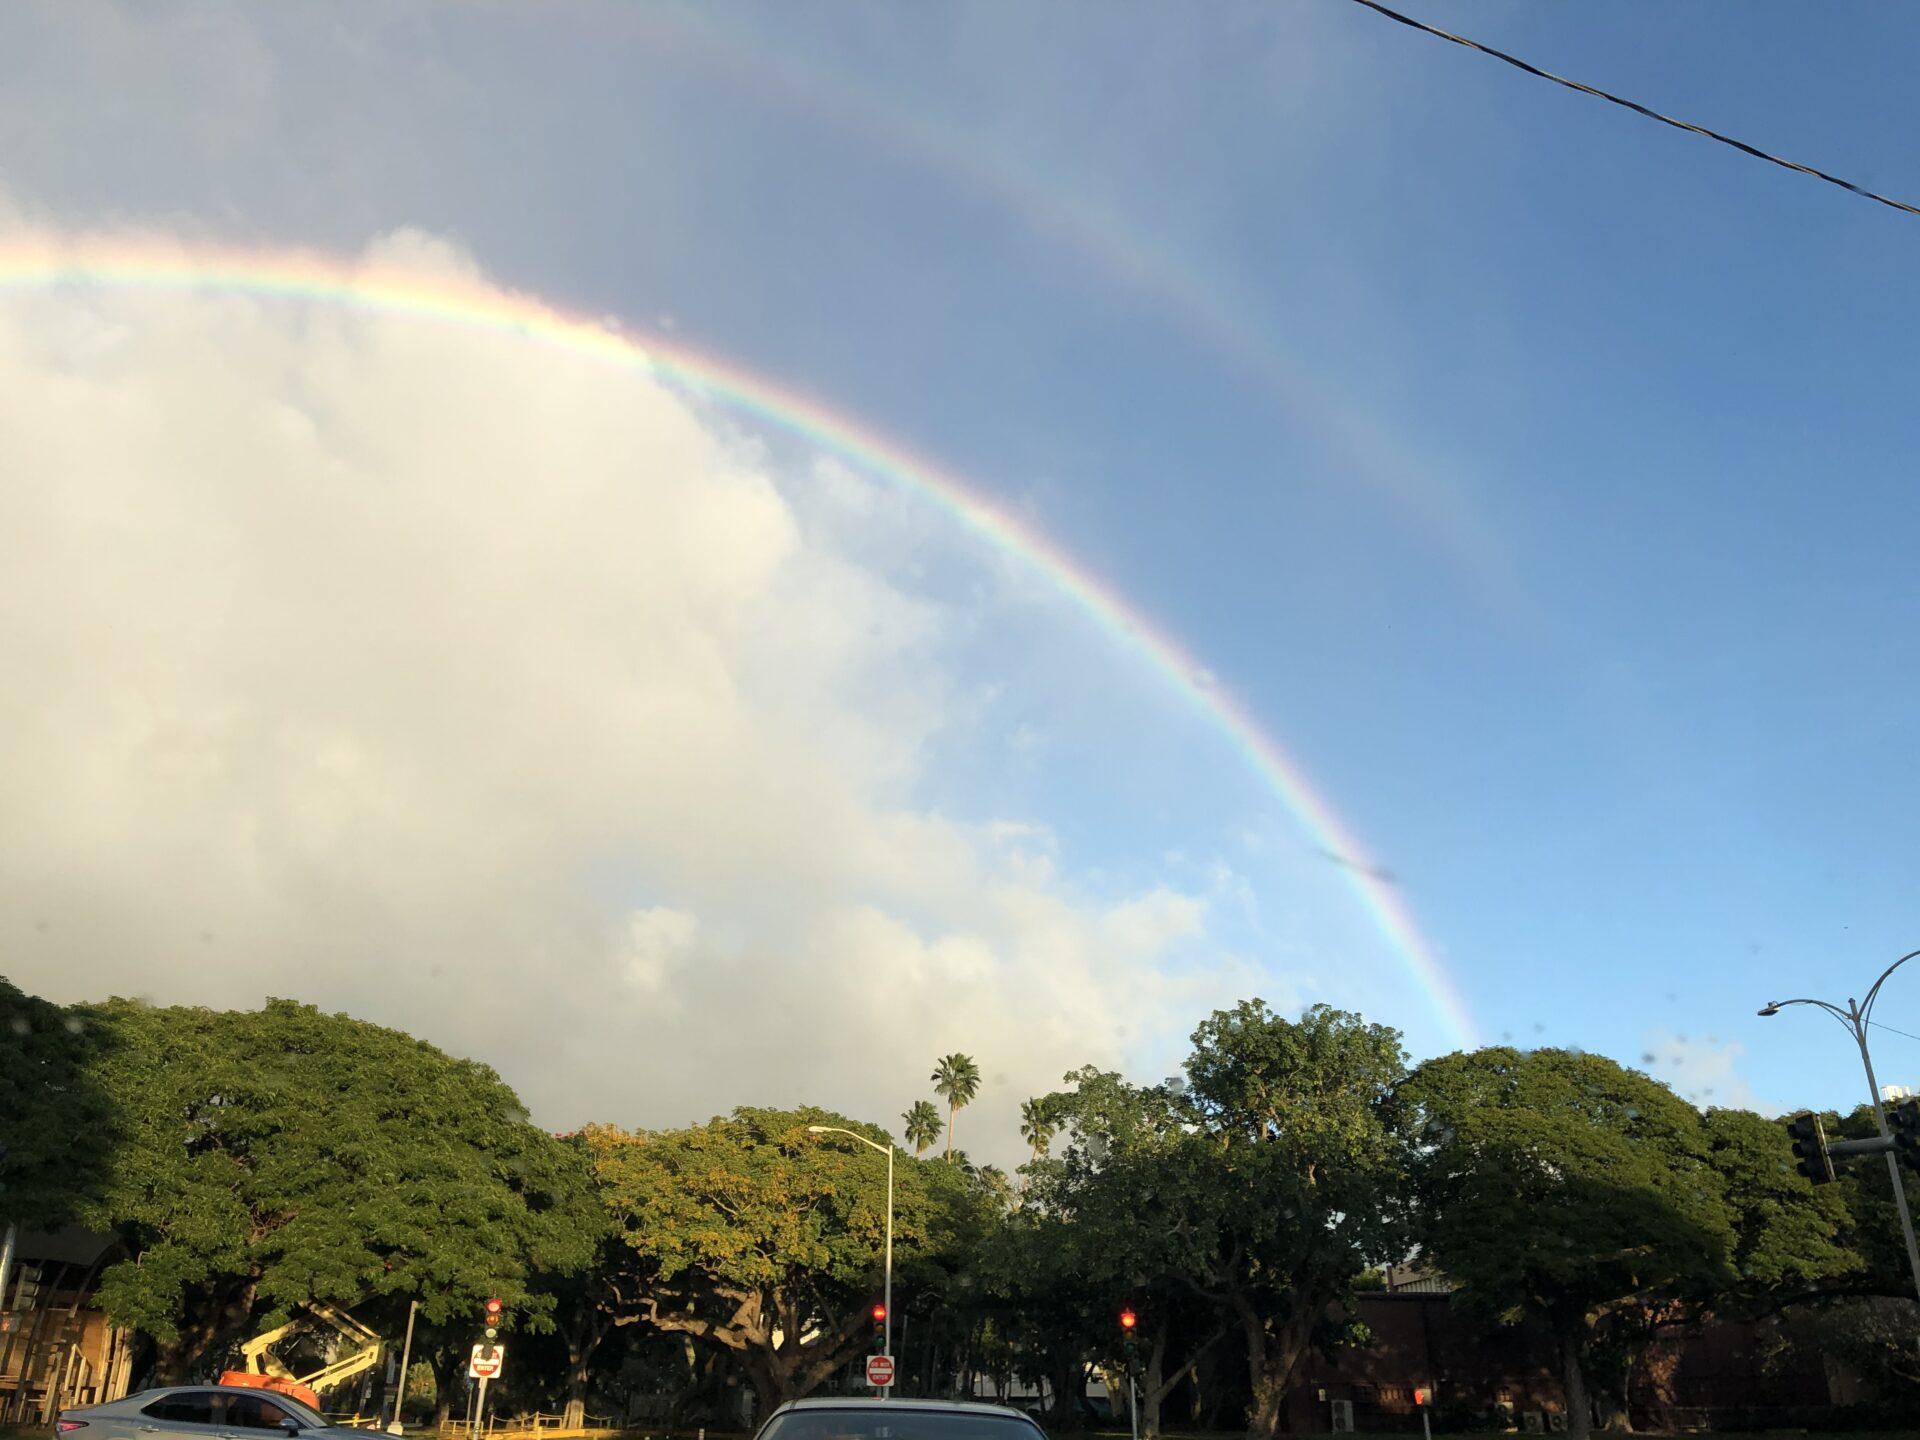 ハワイ大学マノア校にかかるダブルレインボー